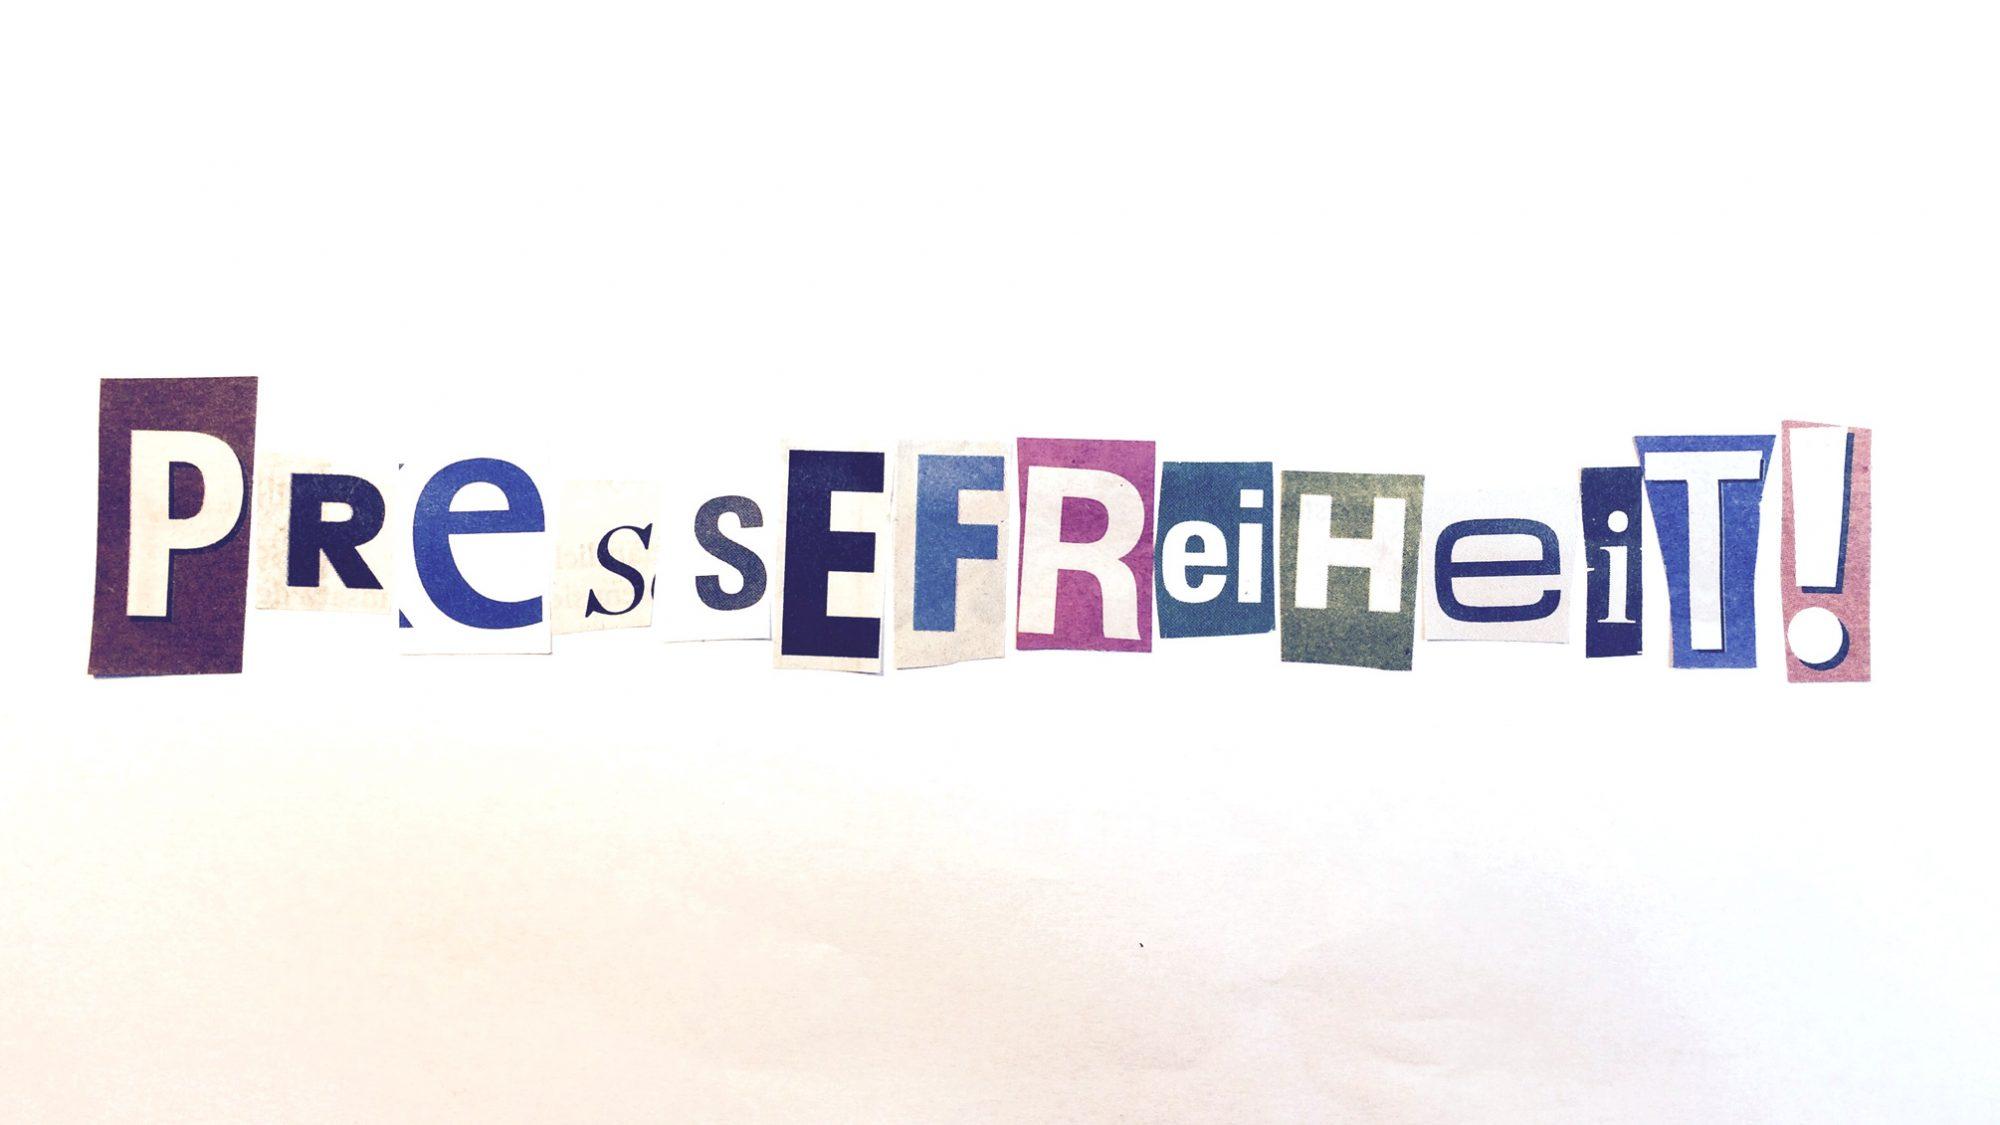 Das Wort Pressefreiheit zusammengesetzt aus einzelnen ausgeschnittenen Zeitungsbuchstaben.